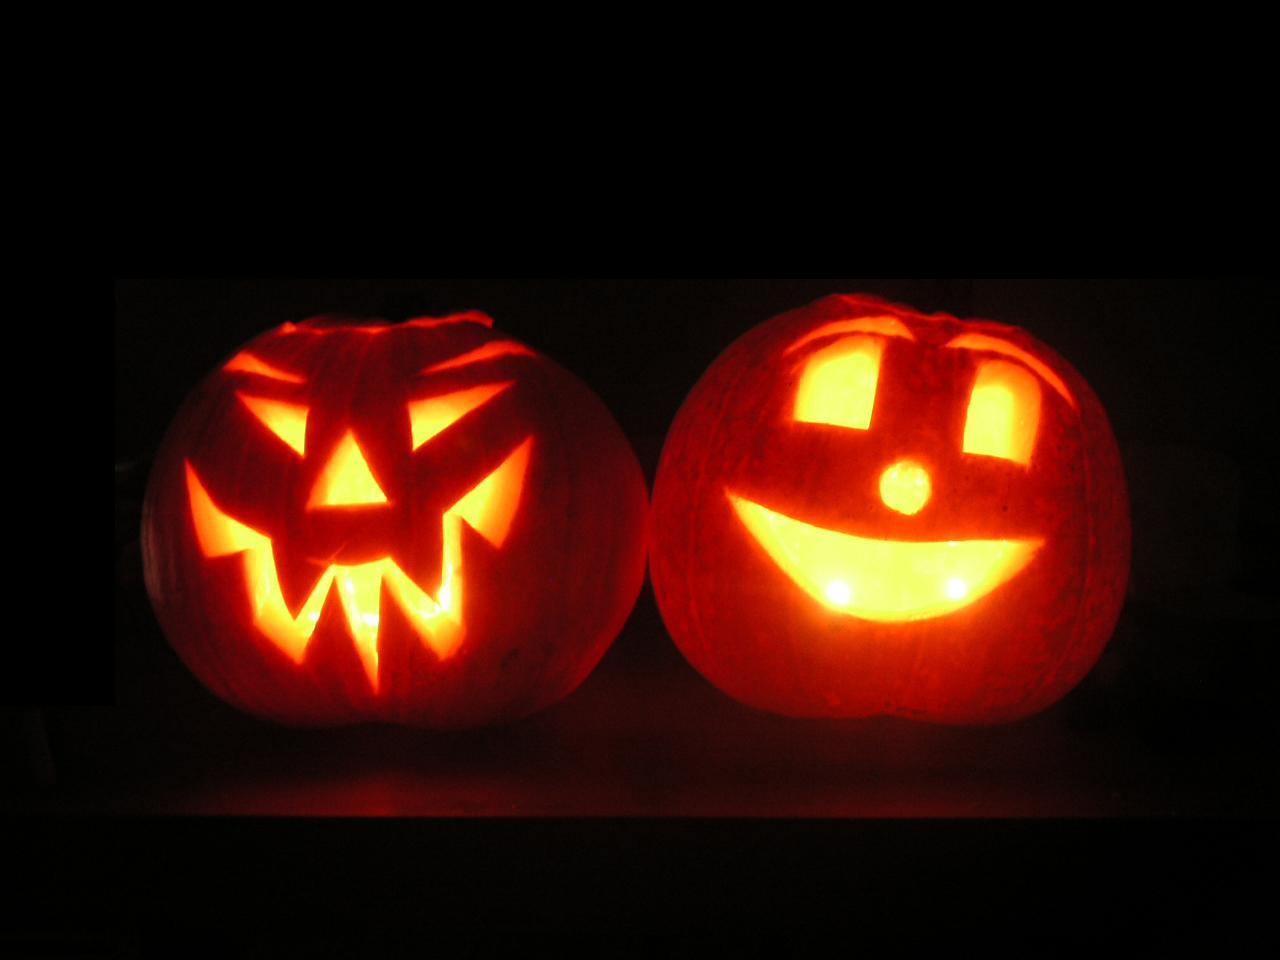 http://1.bp.blogspot.com/_LznQKUW0Lcg/TM2L--82hBI/AAAAAAAAAW8/tkJ9plr1Tp8/s1600/Jack-o-lantern-FR.JPG